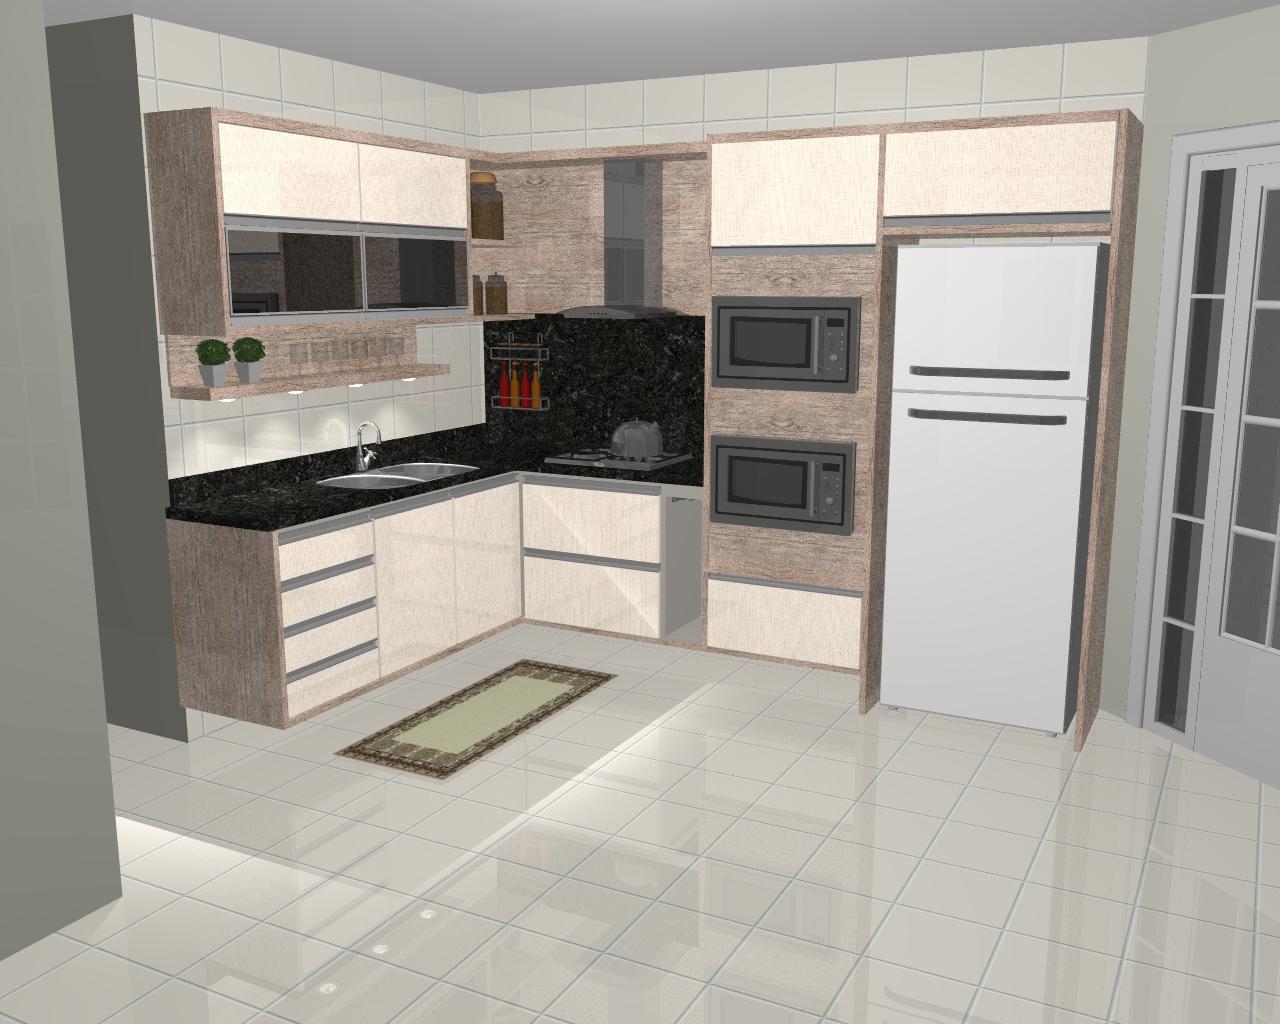 : Imagens renderizadas de cozinhas criadas e executadas pela ATUALLE #5C493C 1280 1024